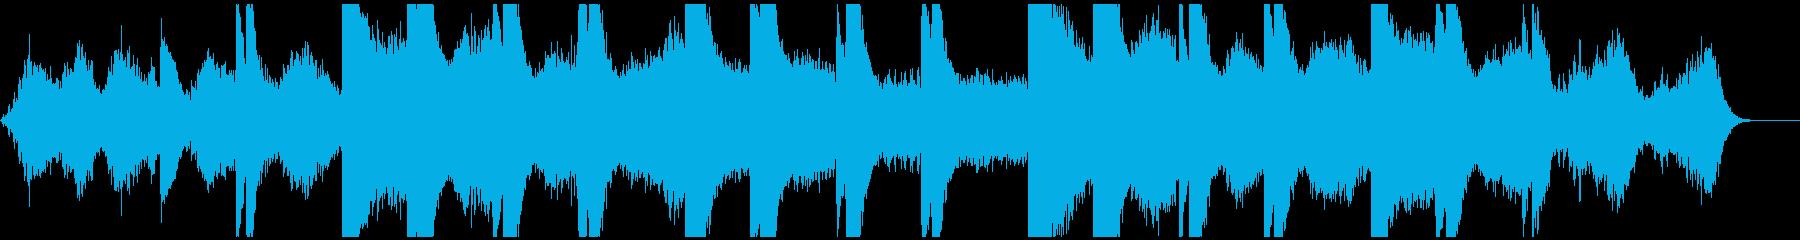 エステ、ヨガ、クールダウン、ヒーリングの再生済みの波形